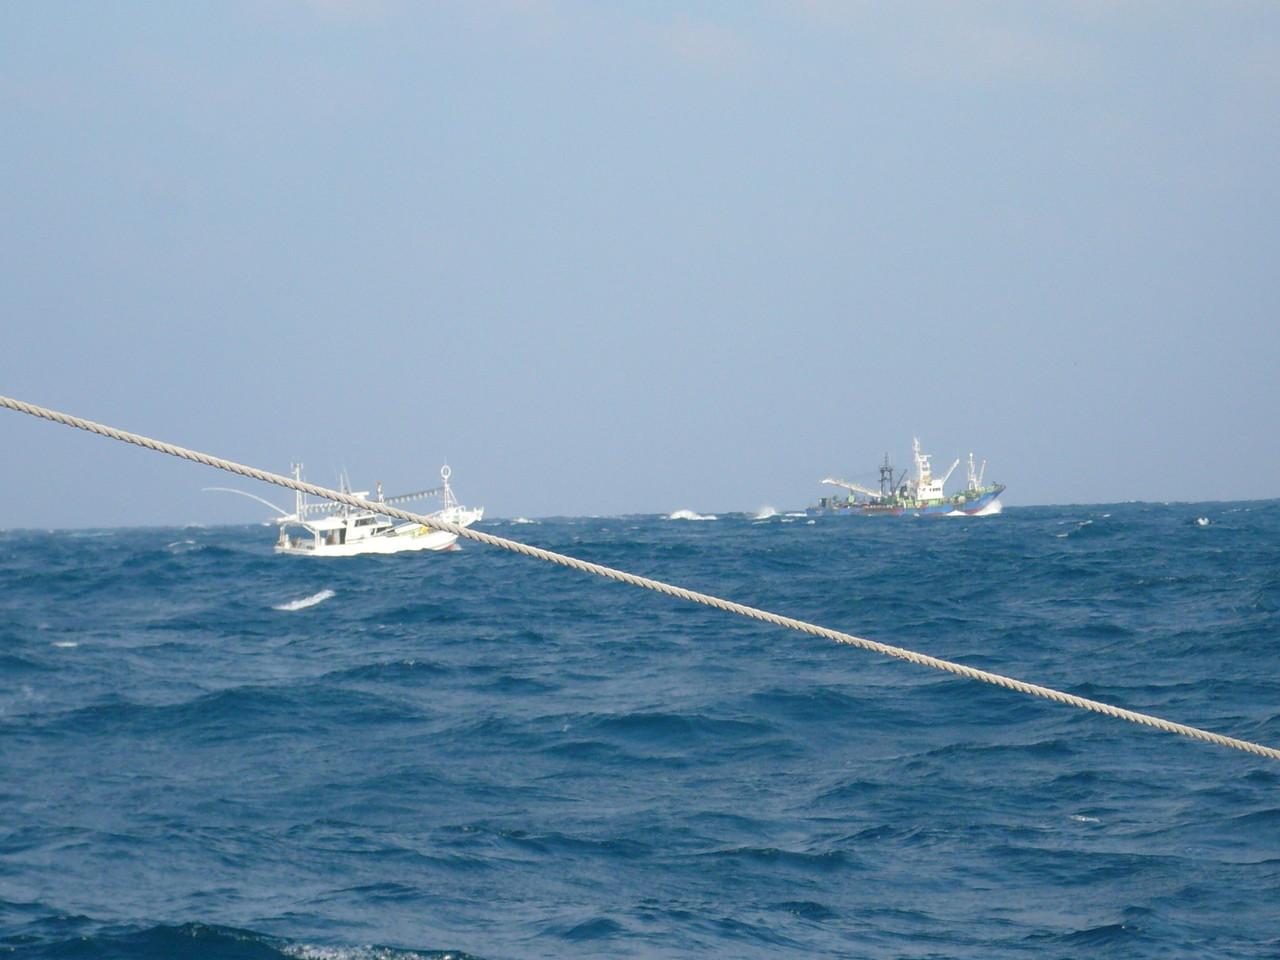 2014年1月6日波が高く1.6m 韓国の手繰り船だそう こんな近くに来てもいいのかな